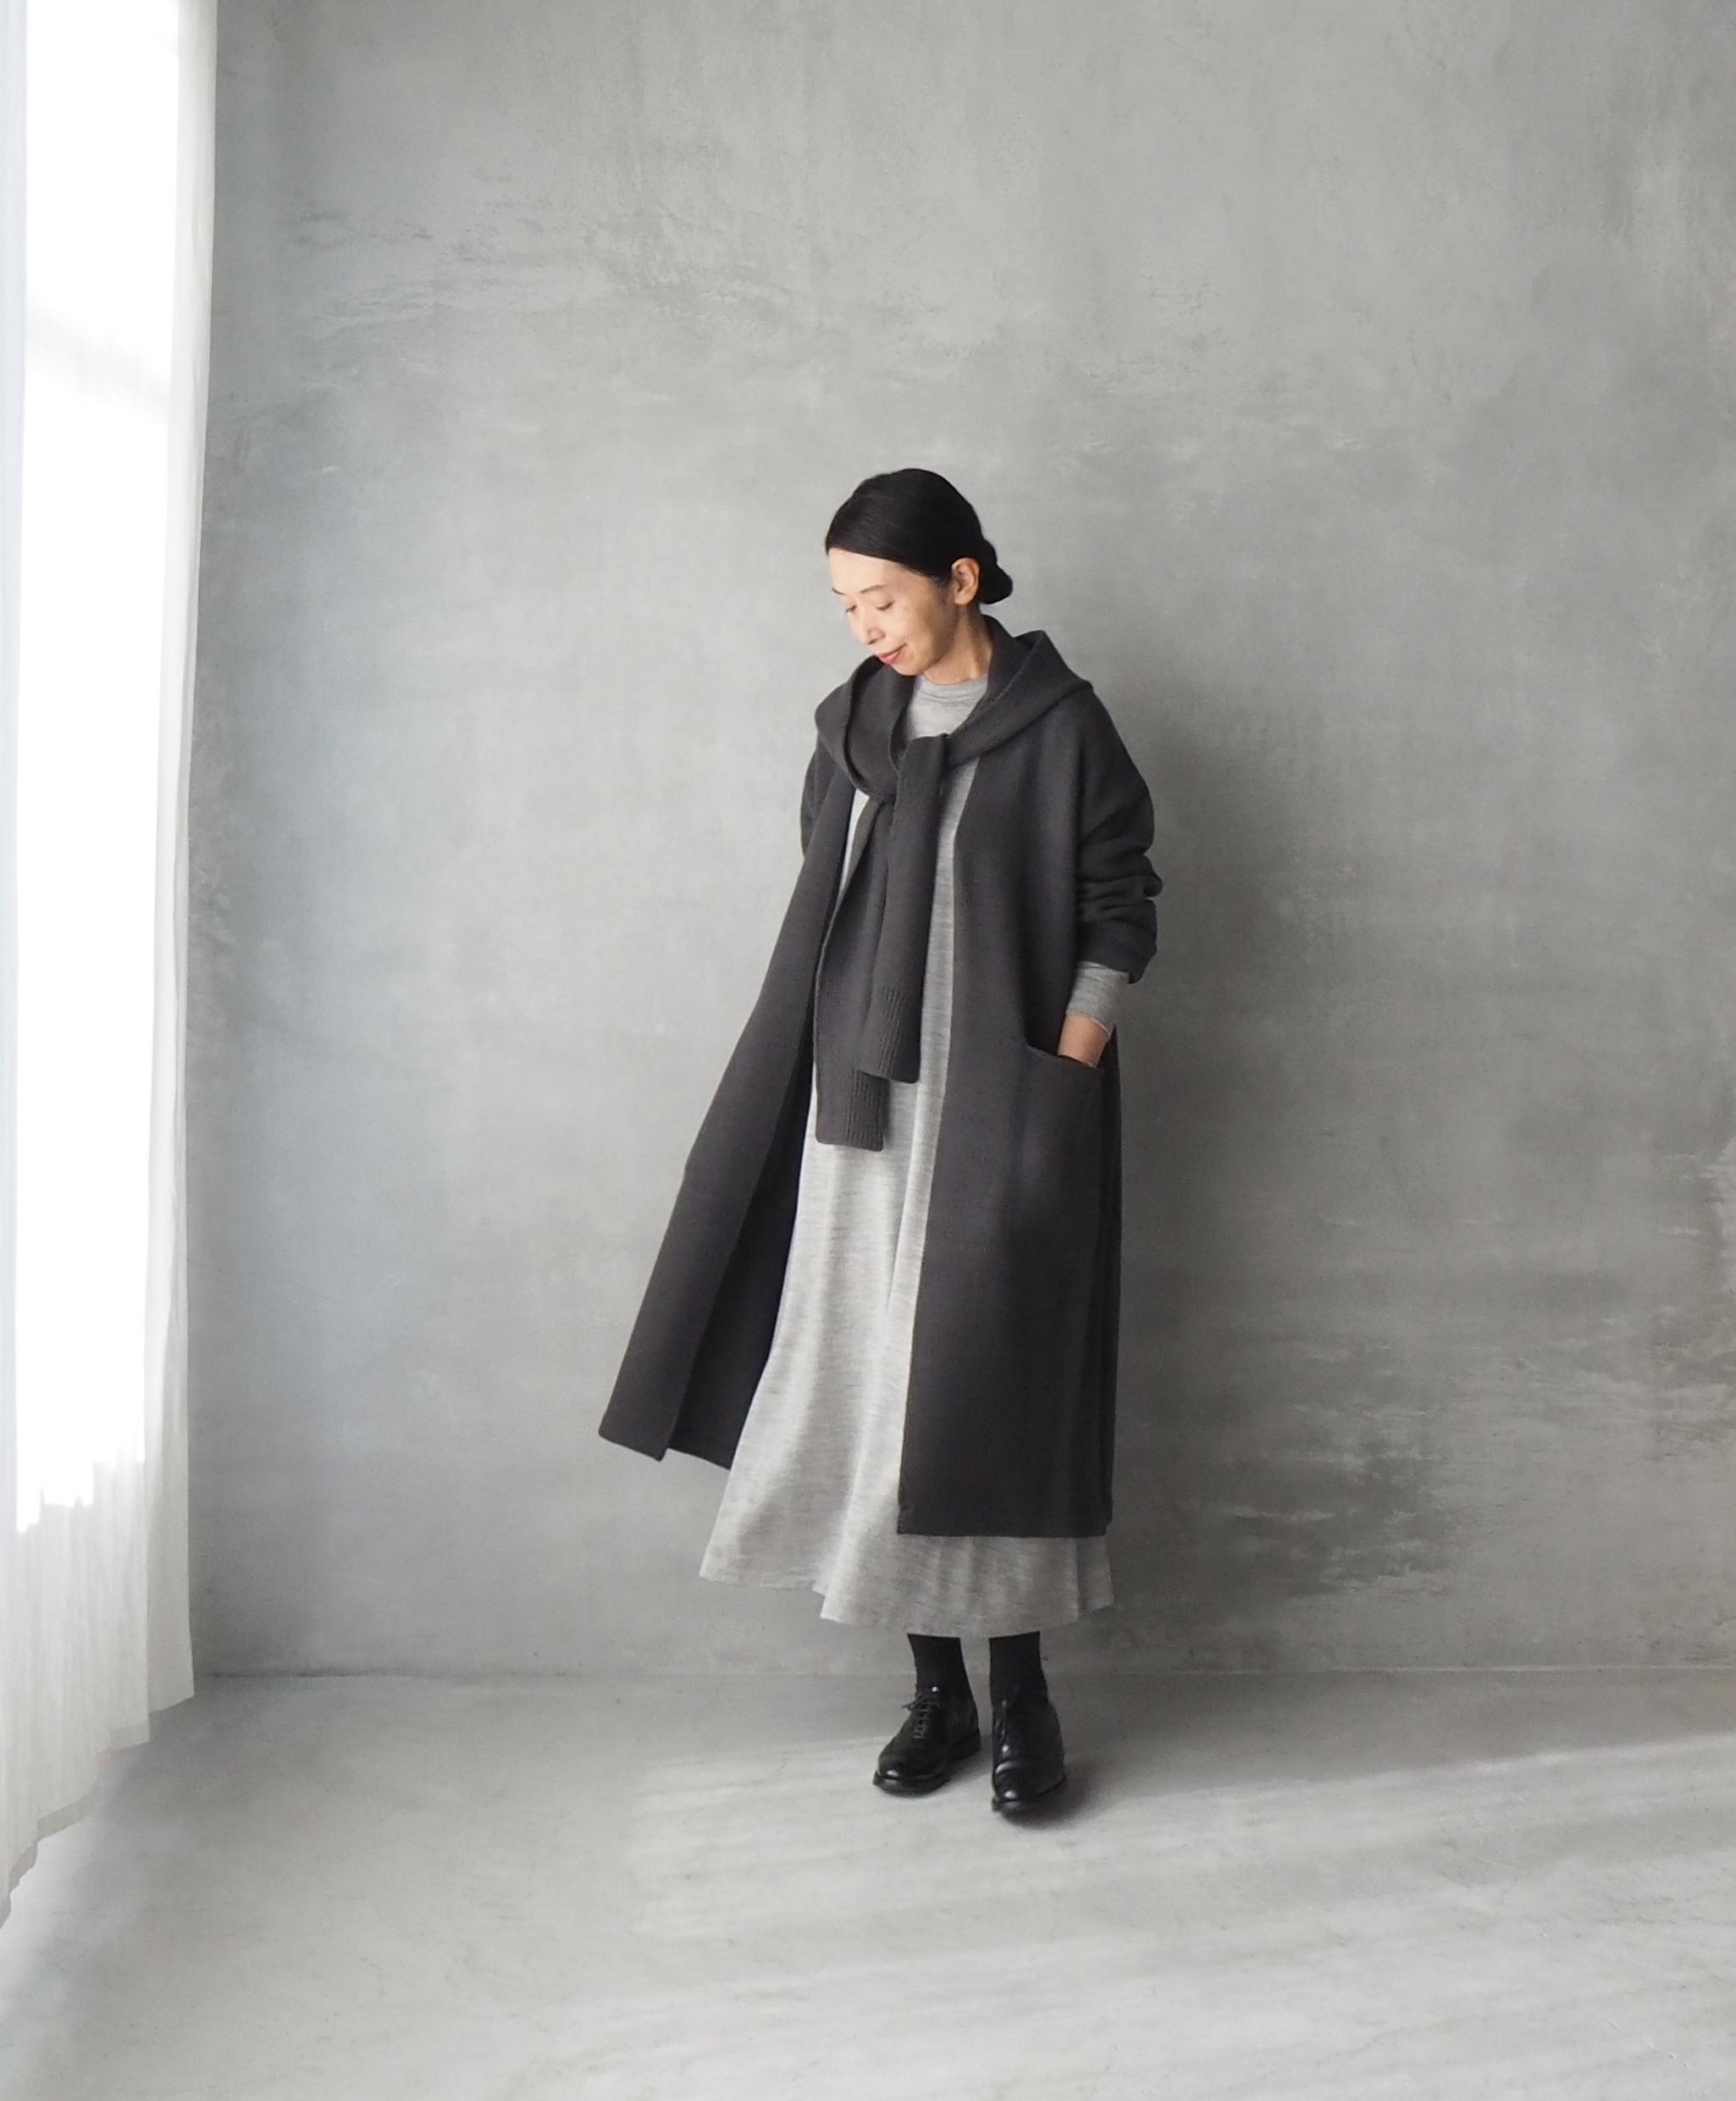 シンプルなワンピースなので、冬のコートやニットの中に着てもすっきり見えます